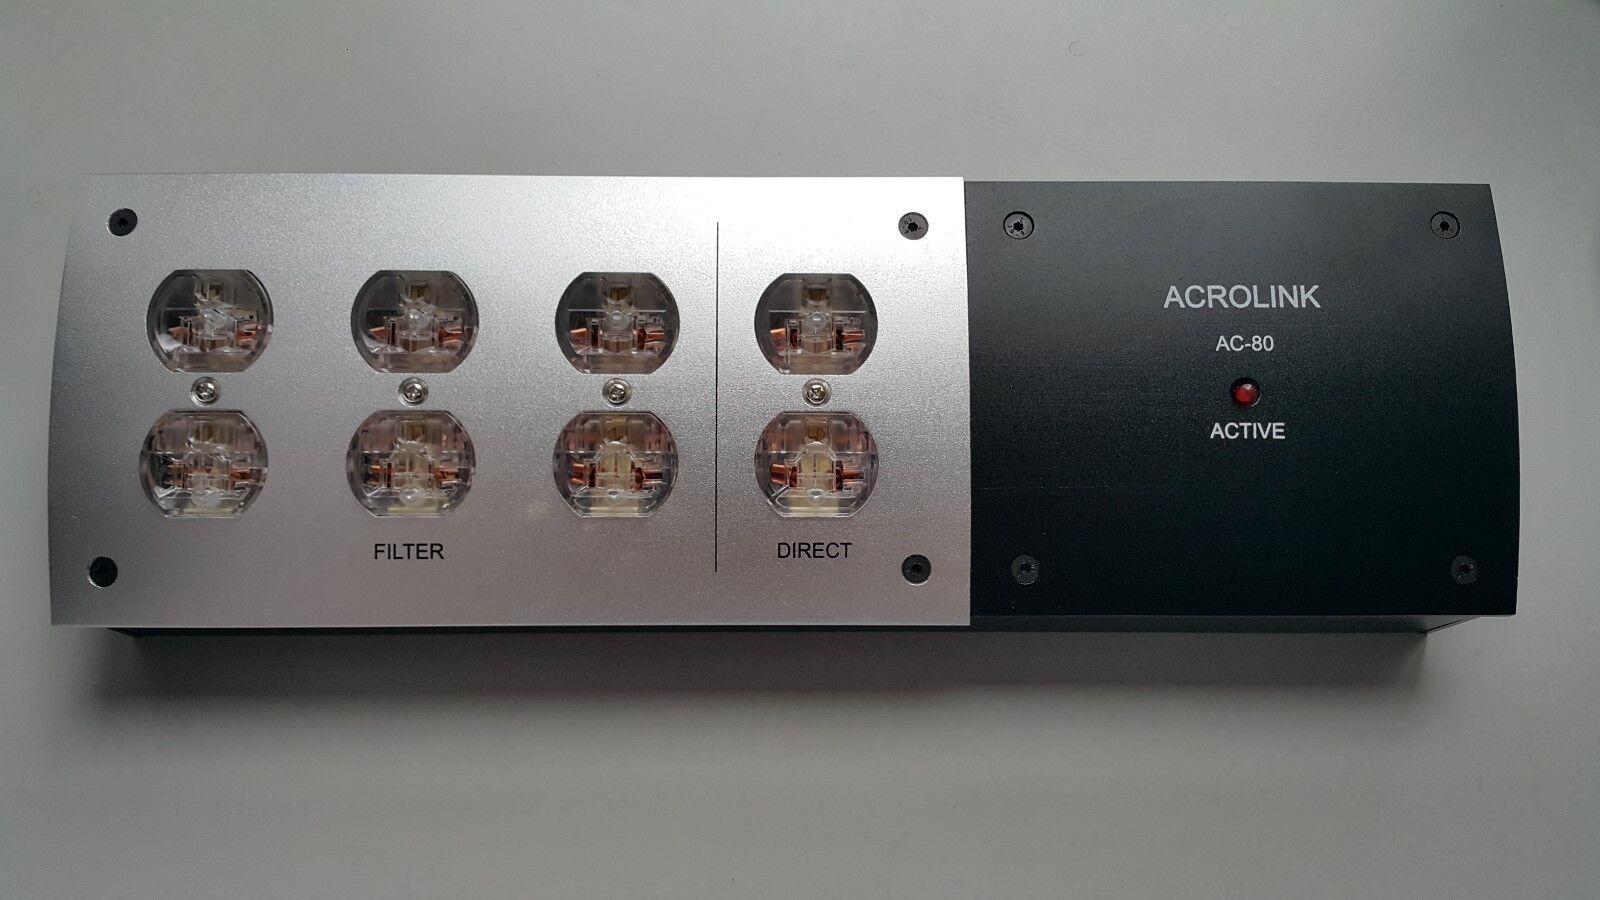 8 8 8 Outlet PP021 Hi-Fi Audio AC80 filtro purificador de la rojo eléctrica Distribuidor de Estados Unidos 90c4fd